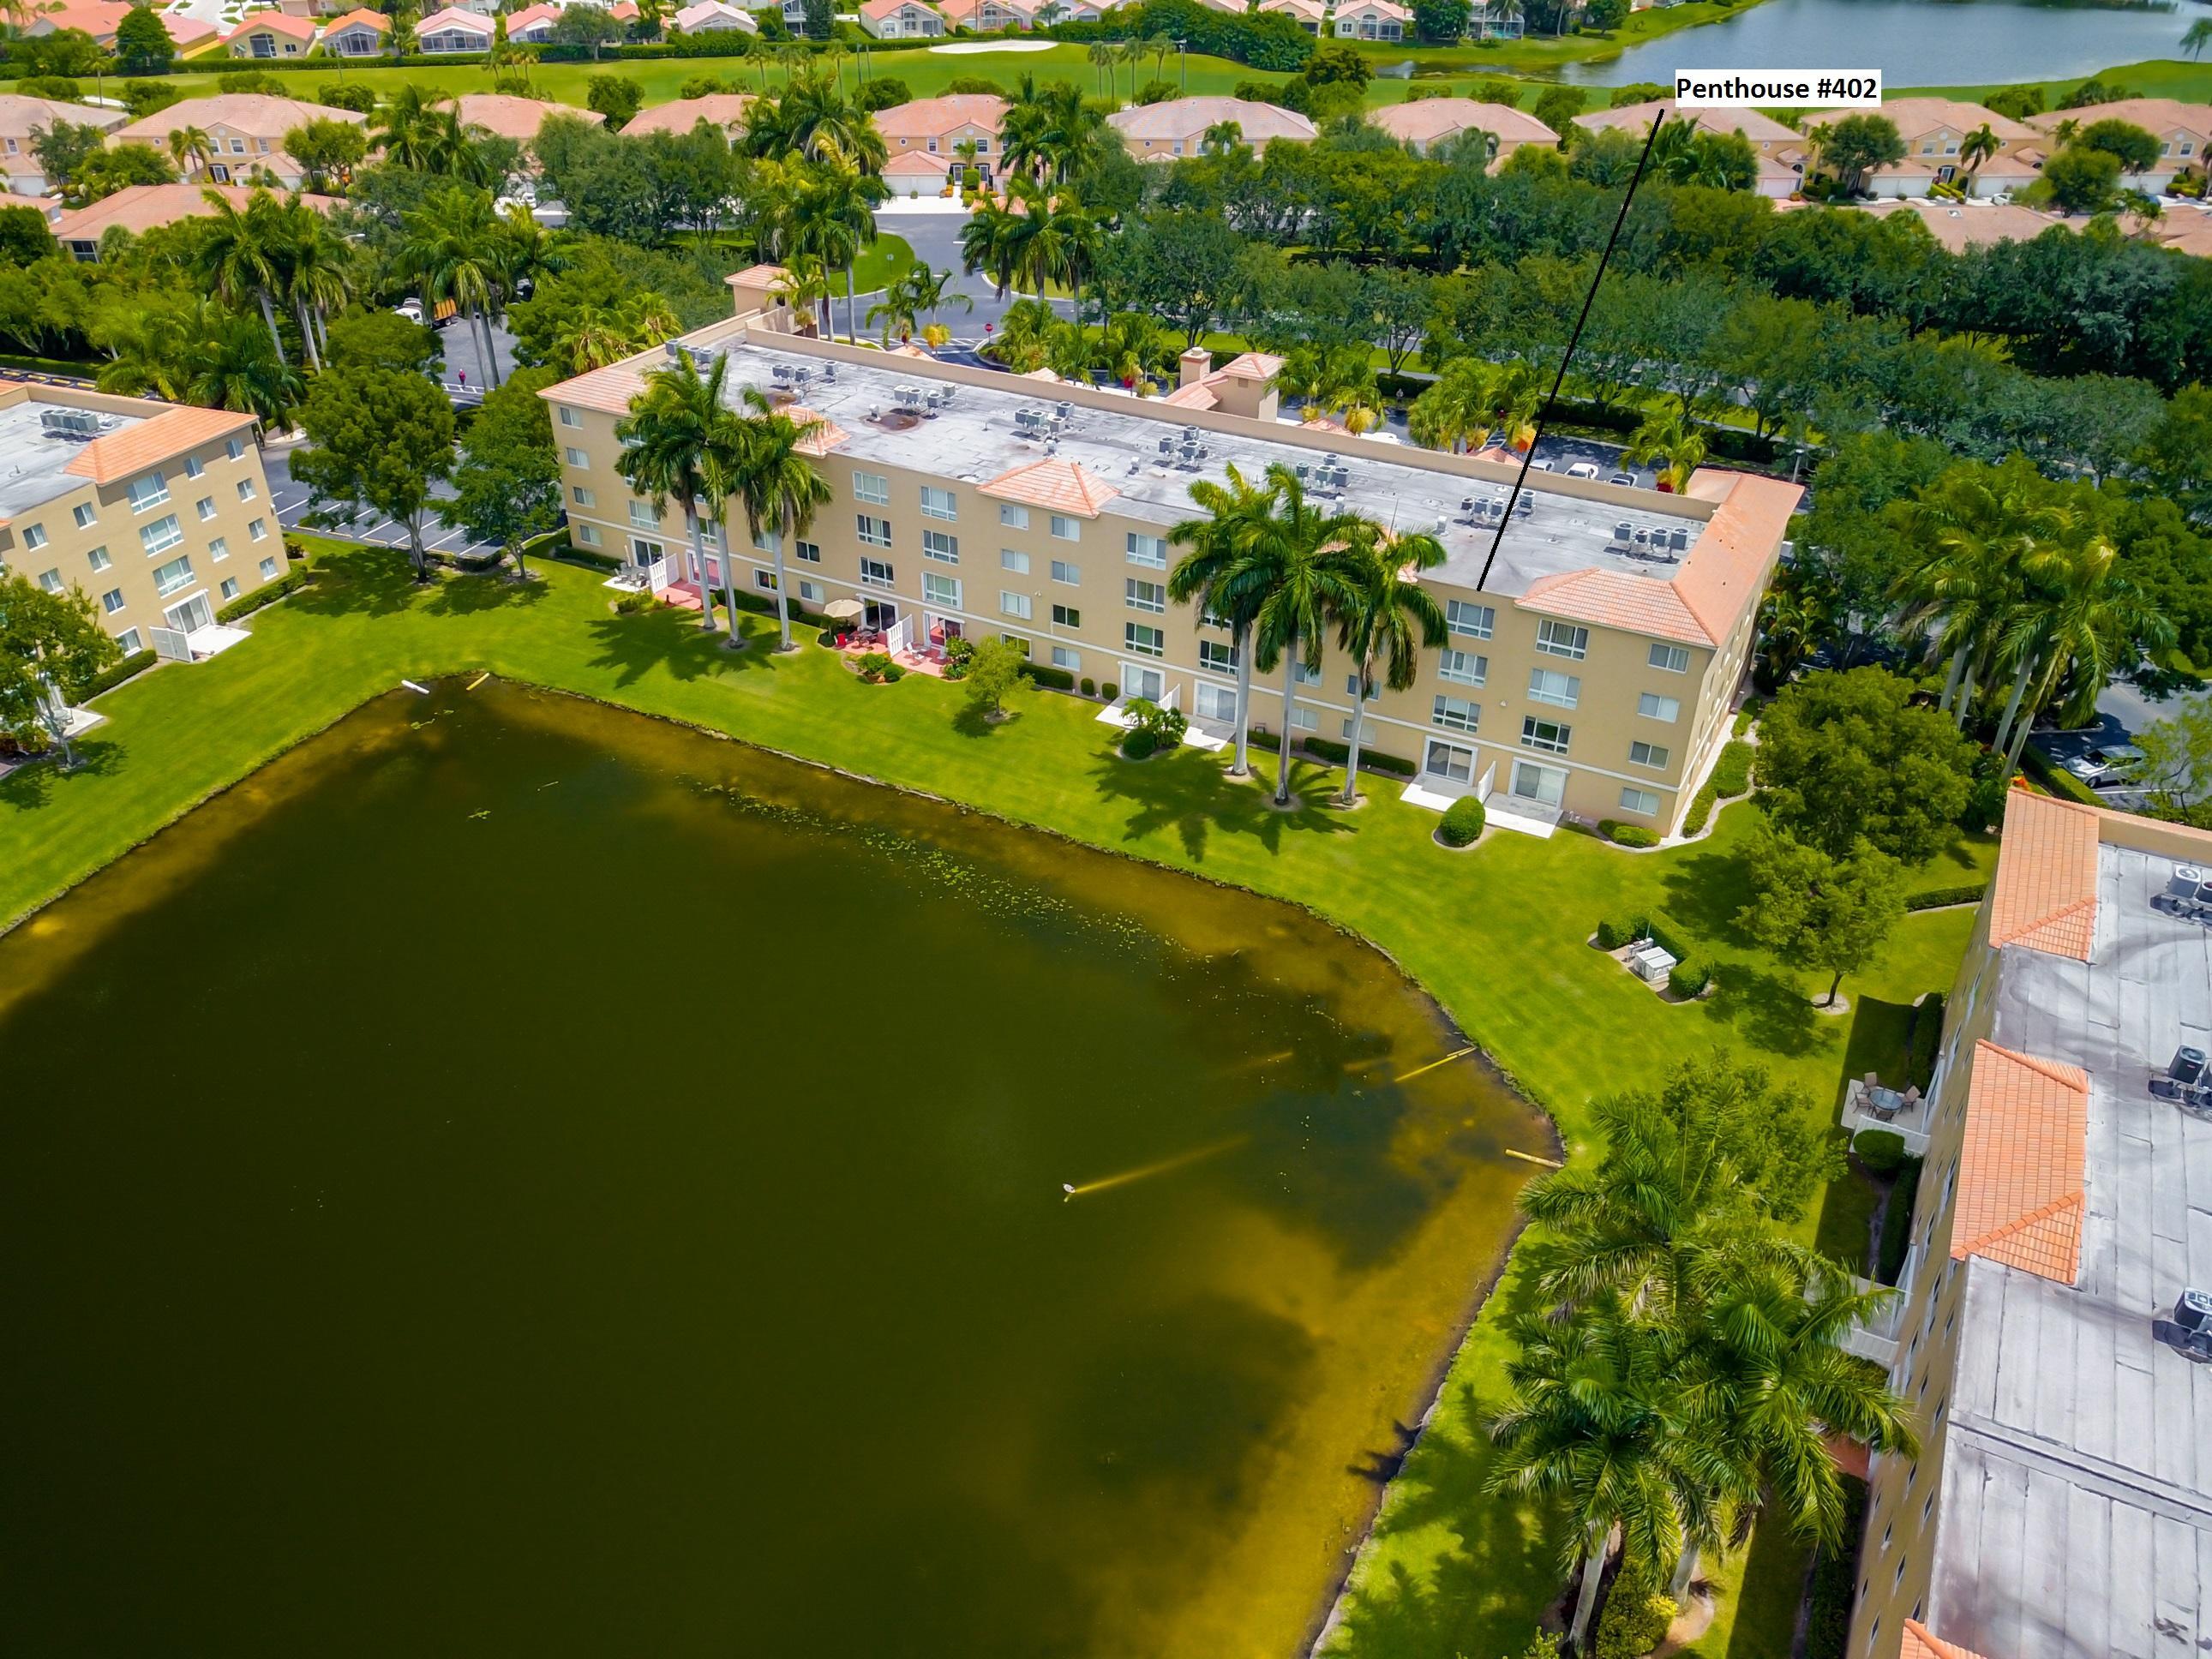 12547 Imperial Isle Drive 402 Boynton Beach, FL 33437 photo 2